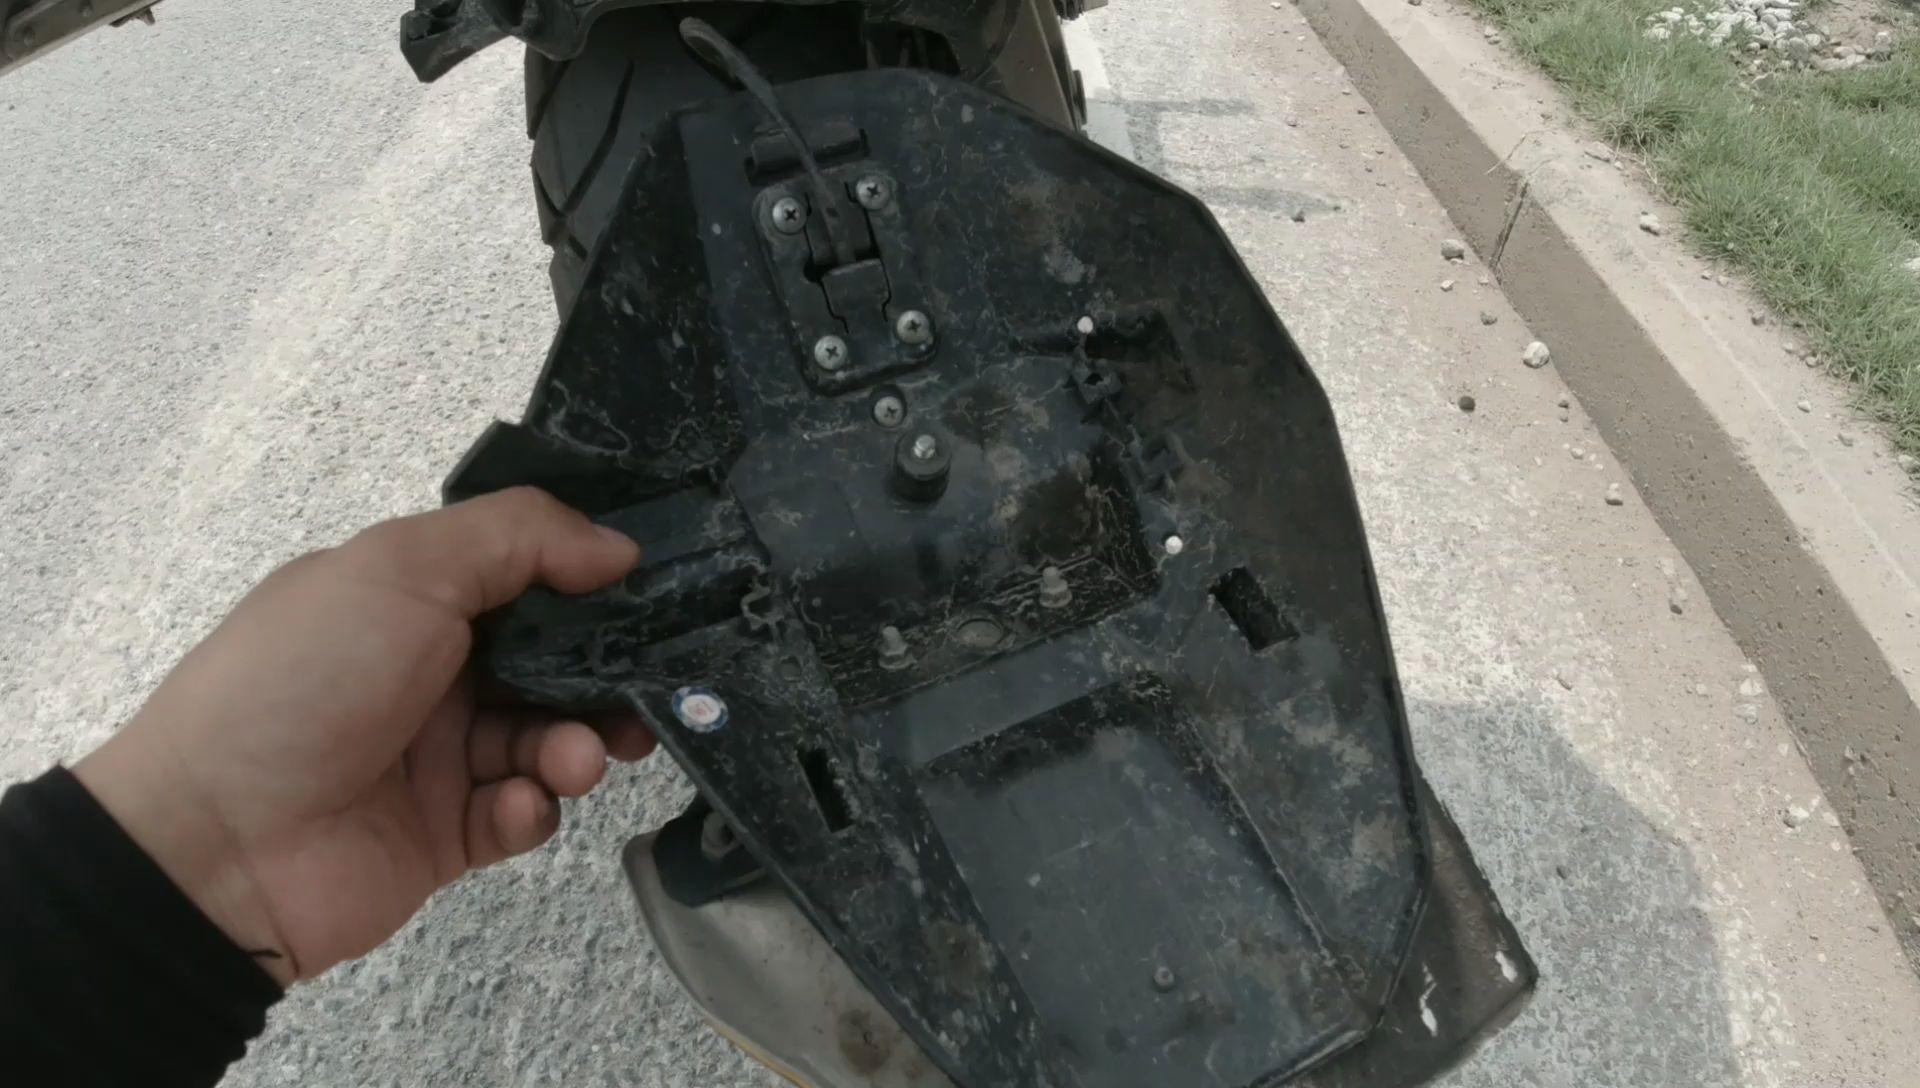 骑摩托旅行10000多公里,最担心的问题还是出现了